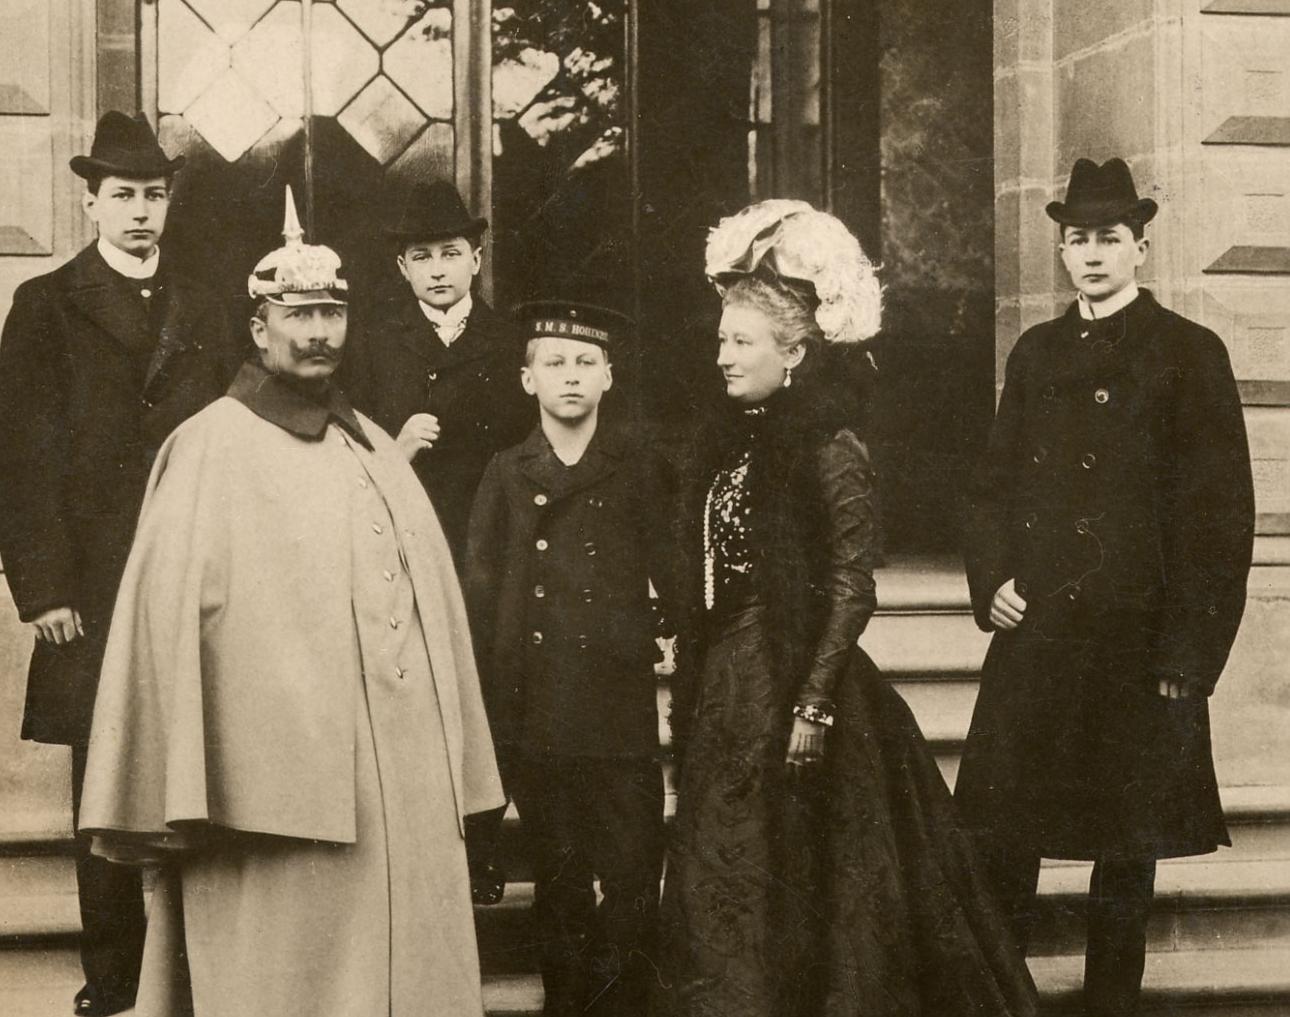 Gruppenbild der kaiserlichen Familie vor dem Homburger Schloss